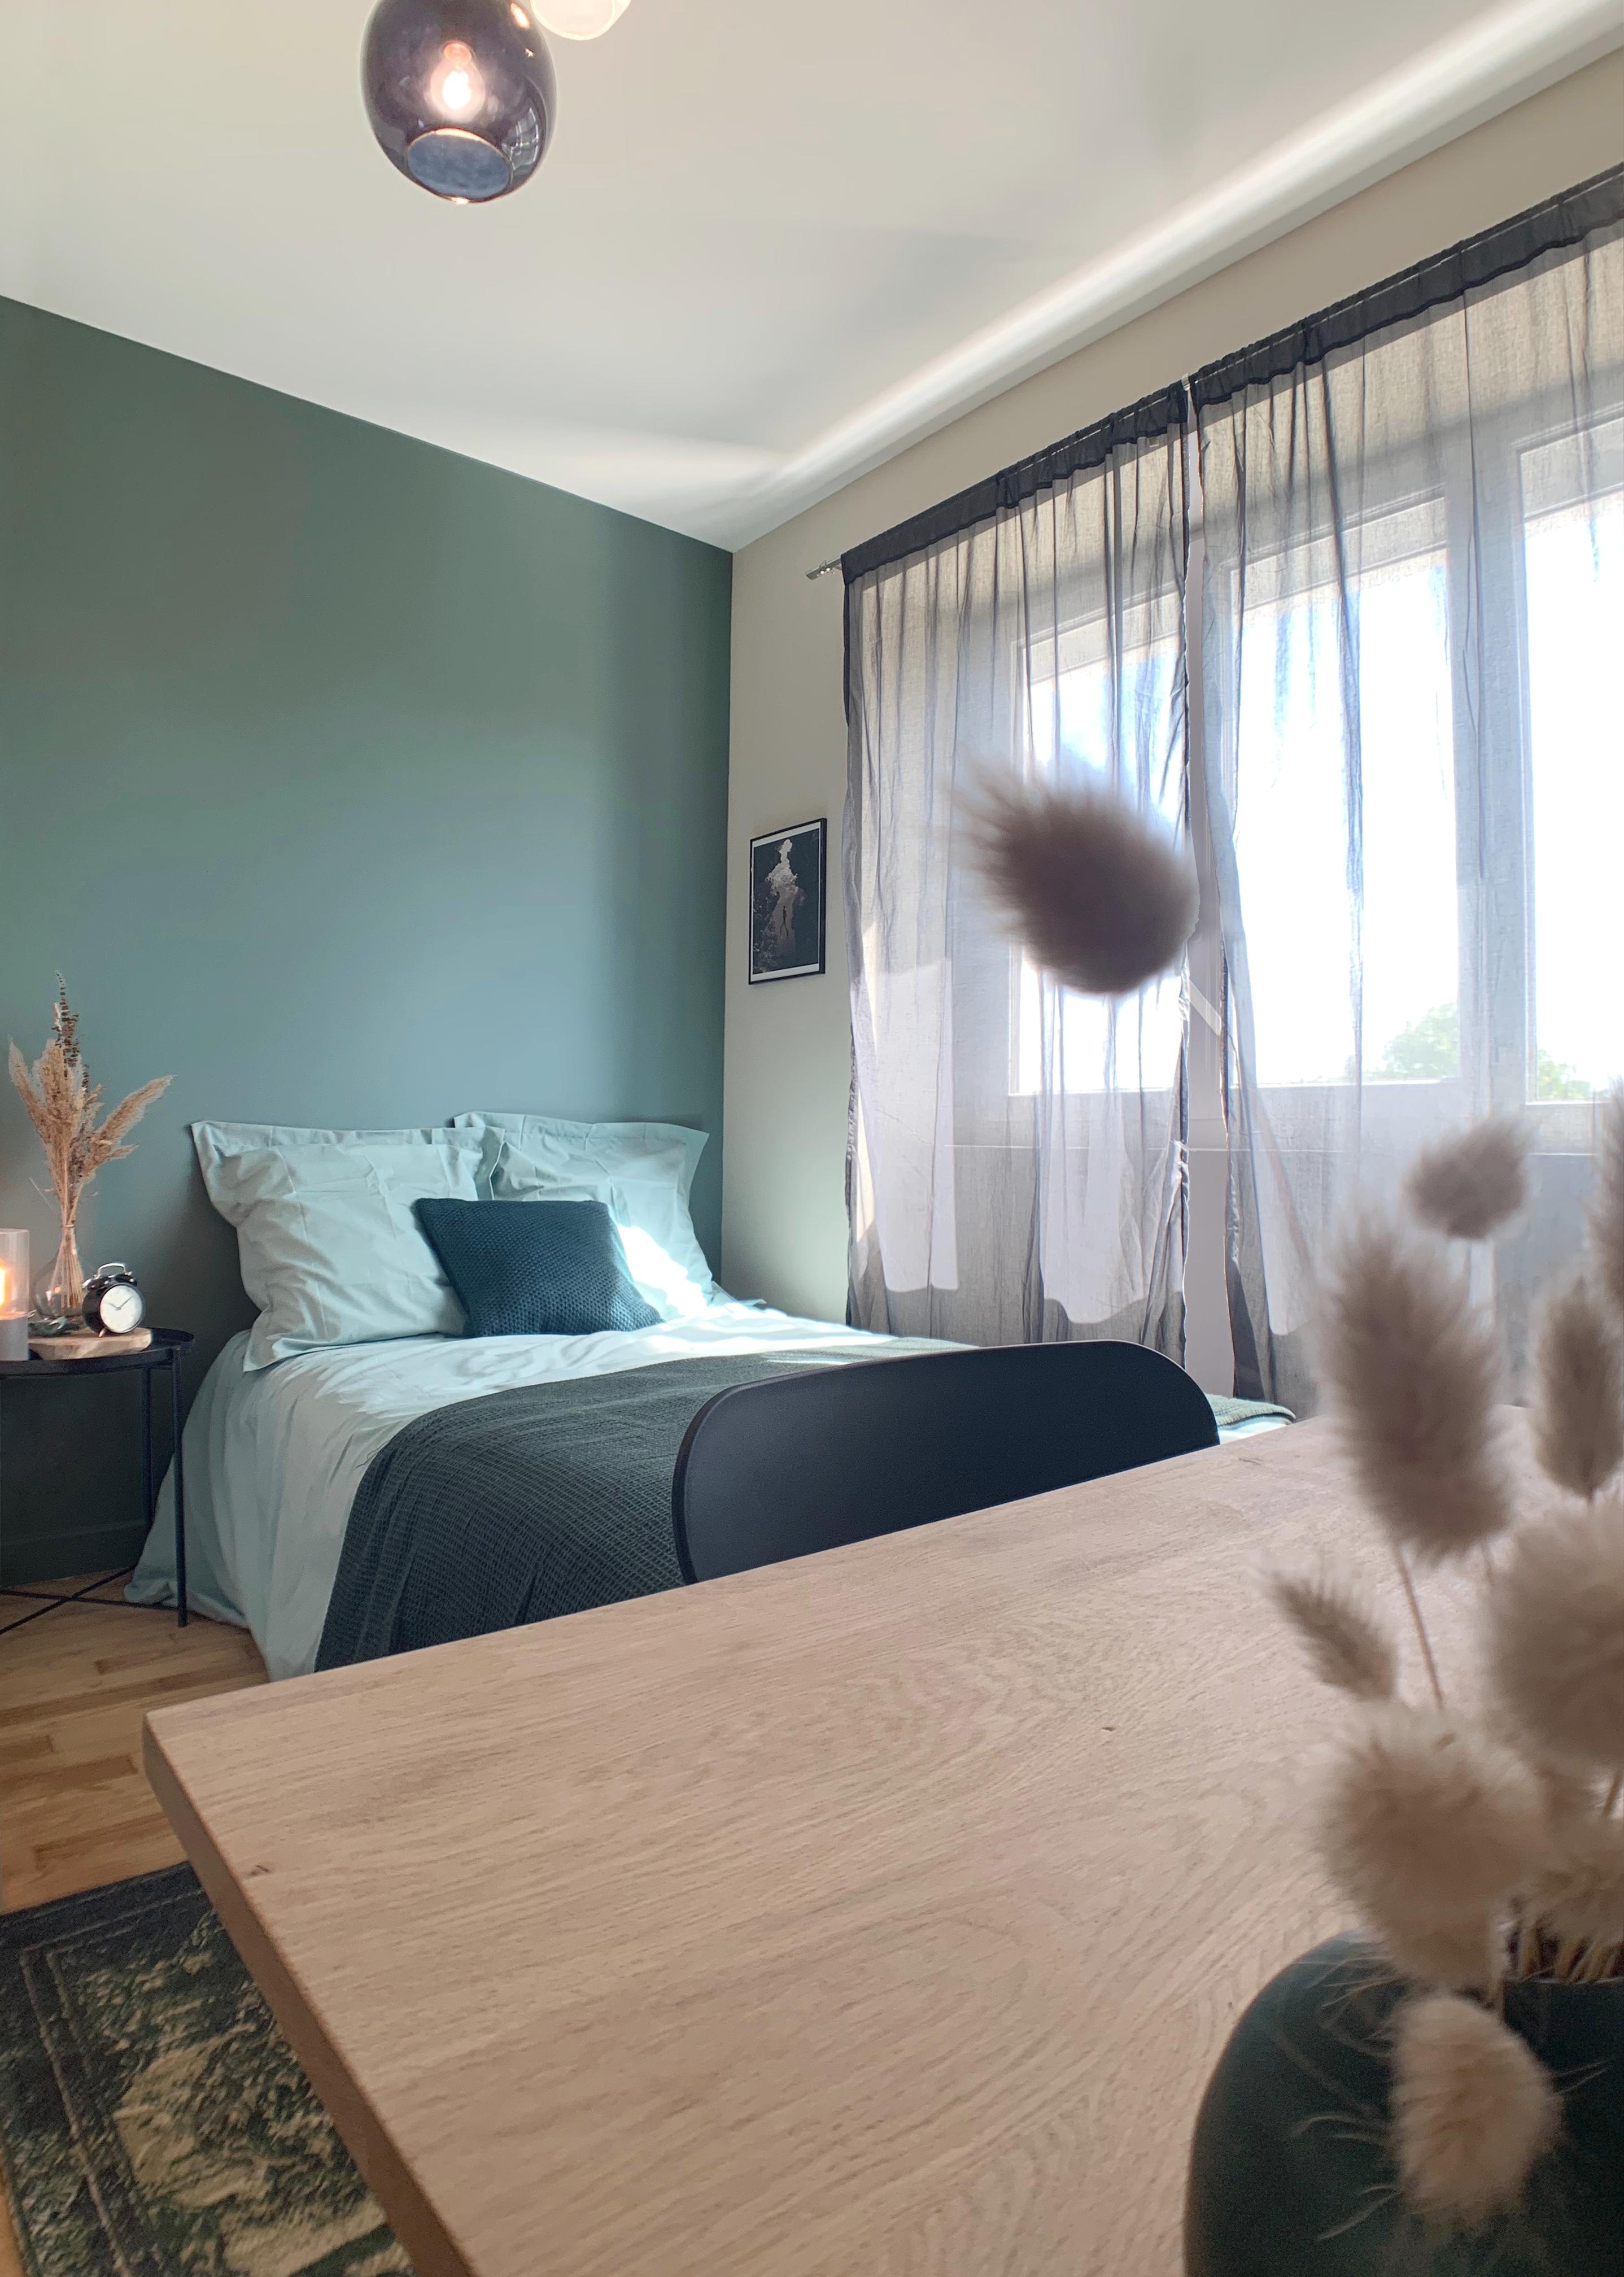 Chambre avec mur de couleur et nouvelle décoration intérieure